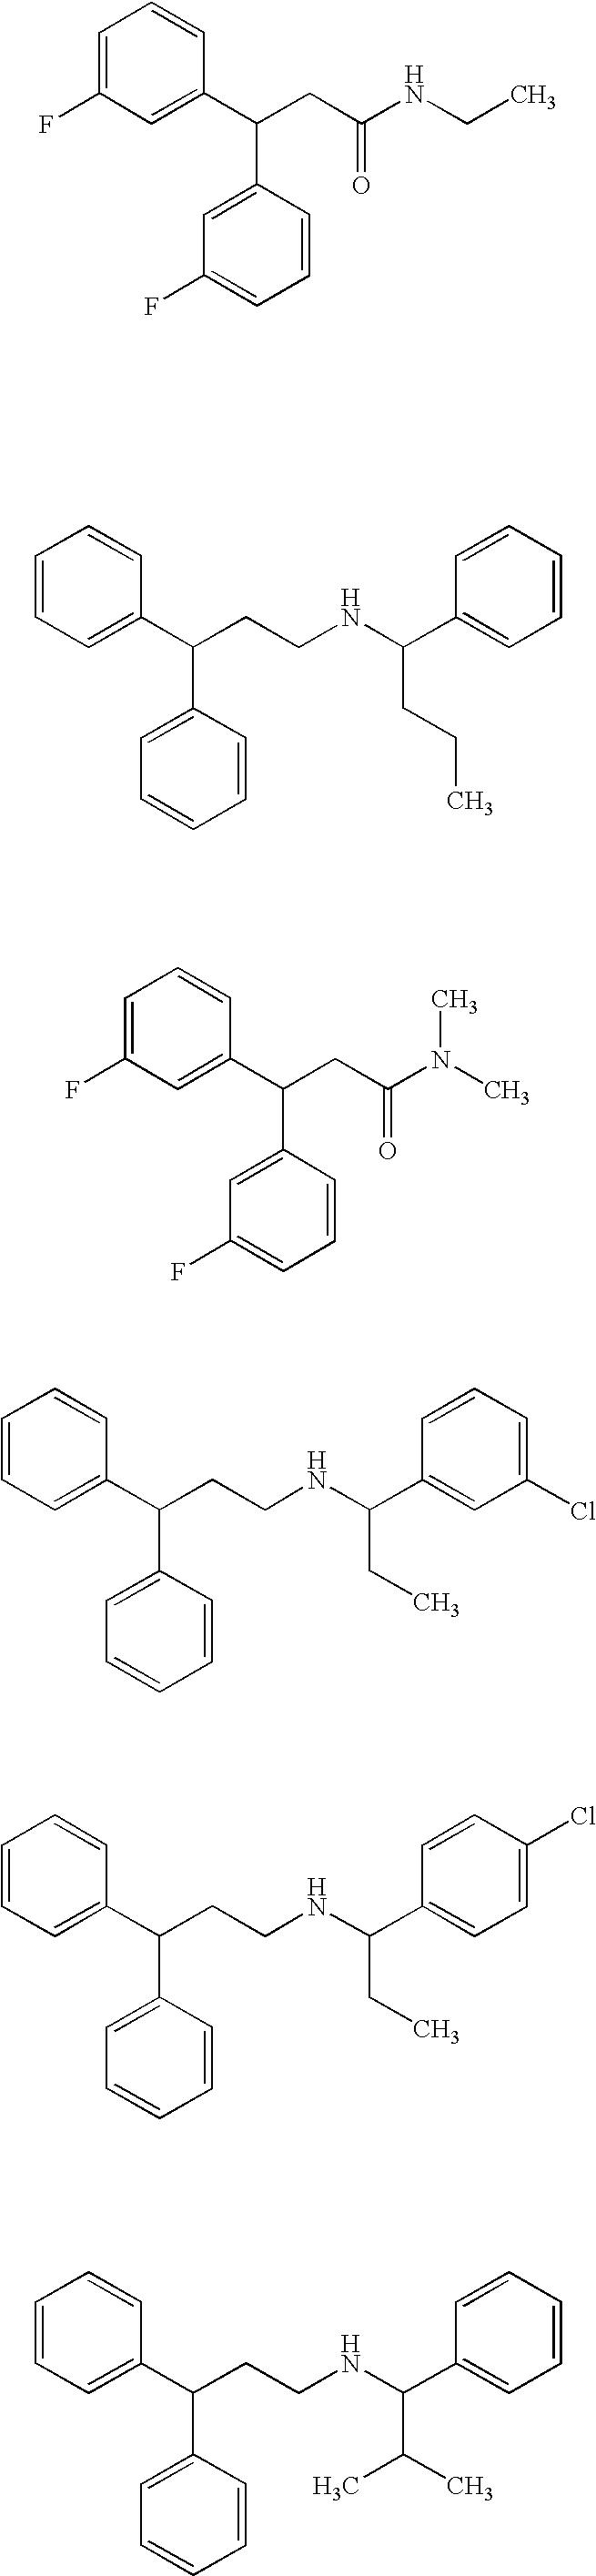 Figure US20050282859A1-20051222-C00053